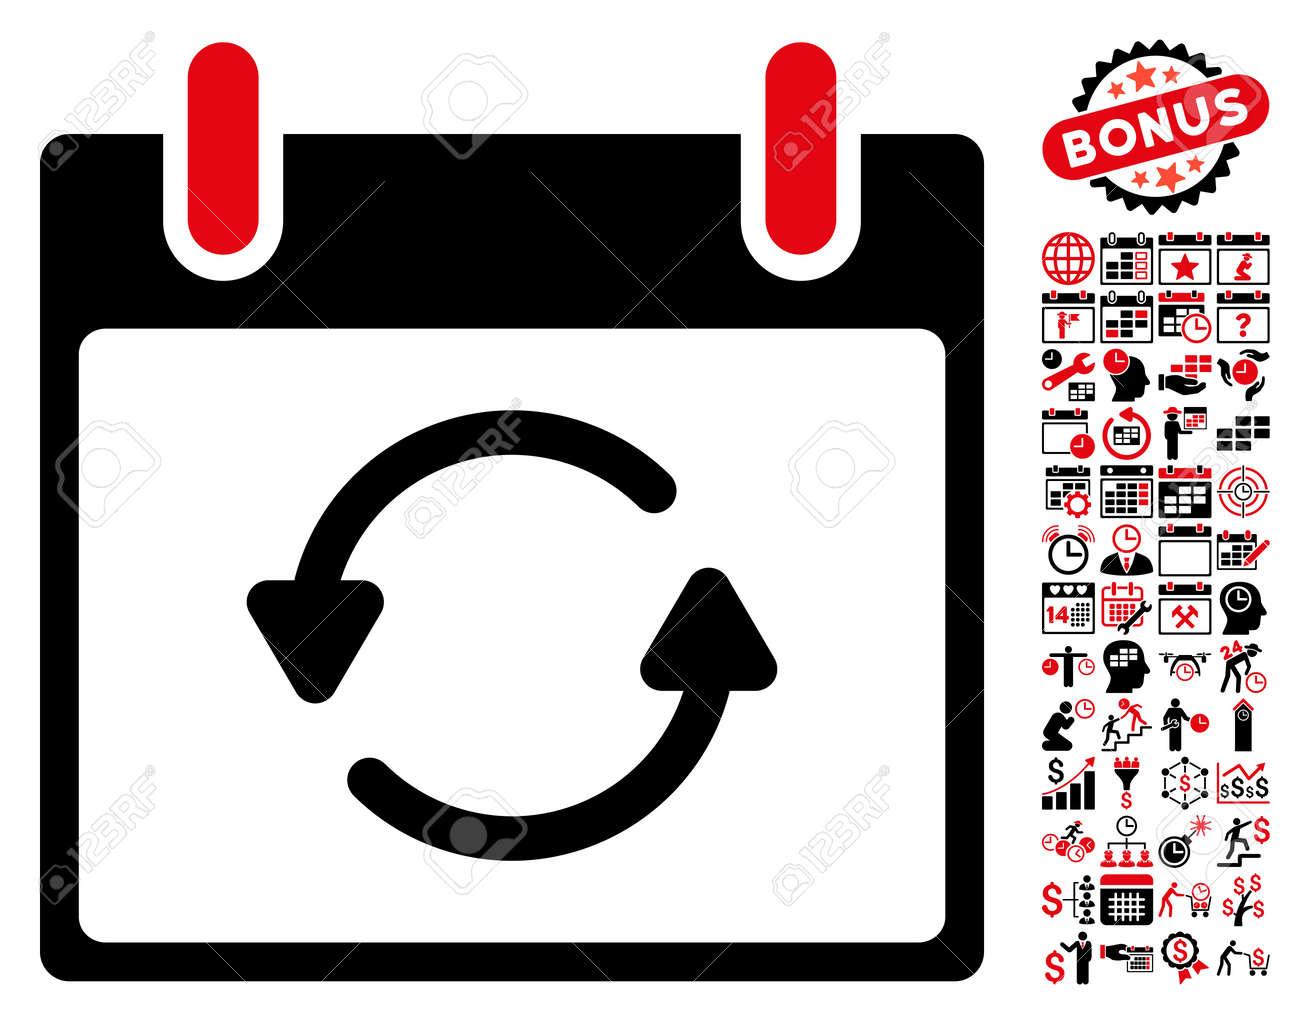 Actualizar Calendario.Actualizar El Pictograma Del Dia Calendario Con Simbolos Extra De Calendario Y Administracion Del Tiempo El Estilo Del Ejemplo Del Glifo Es Simbolos